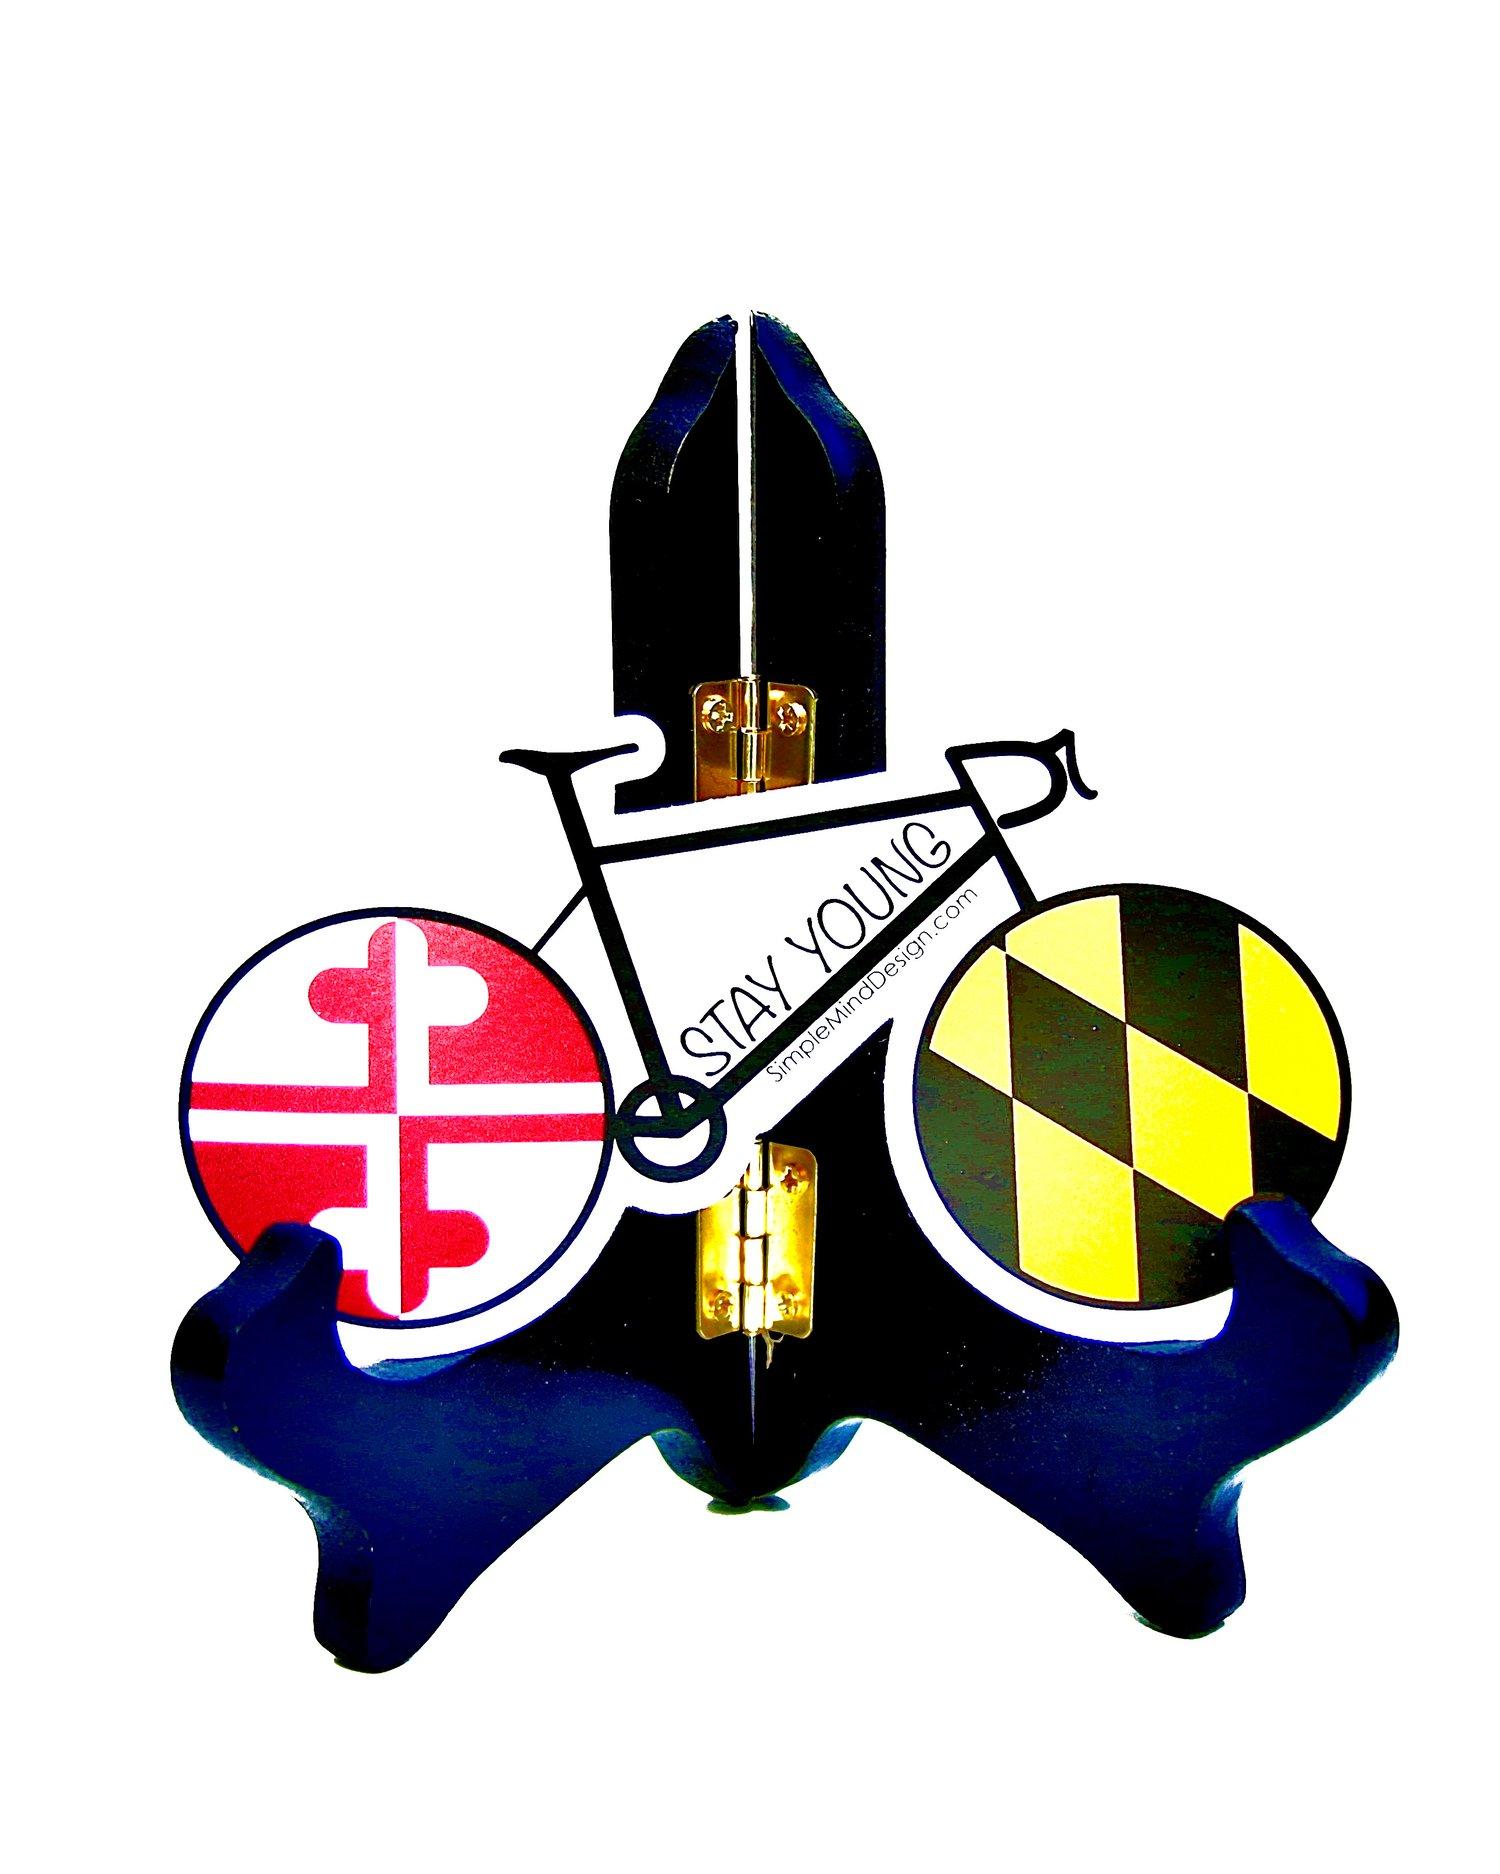 Image of Maryland Road Bike Sticker (White Background)